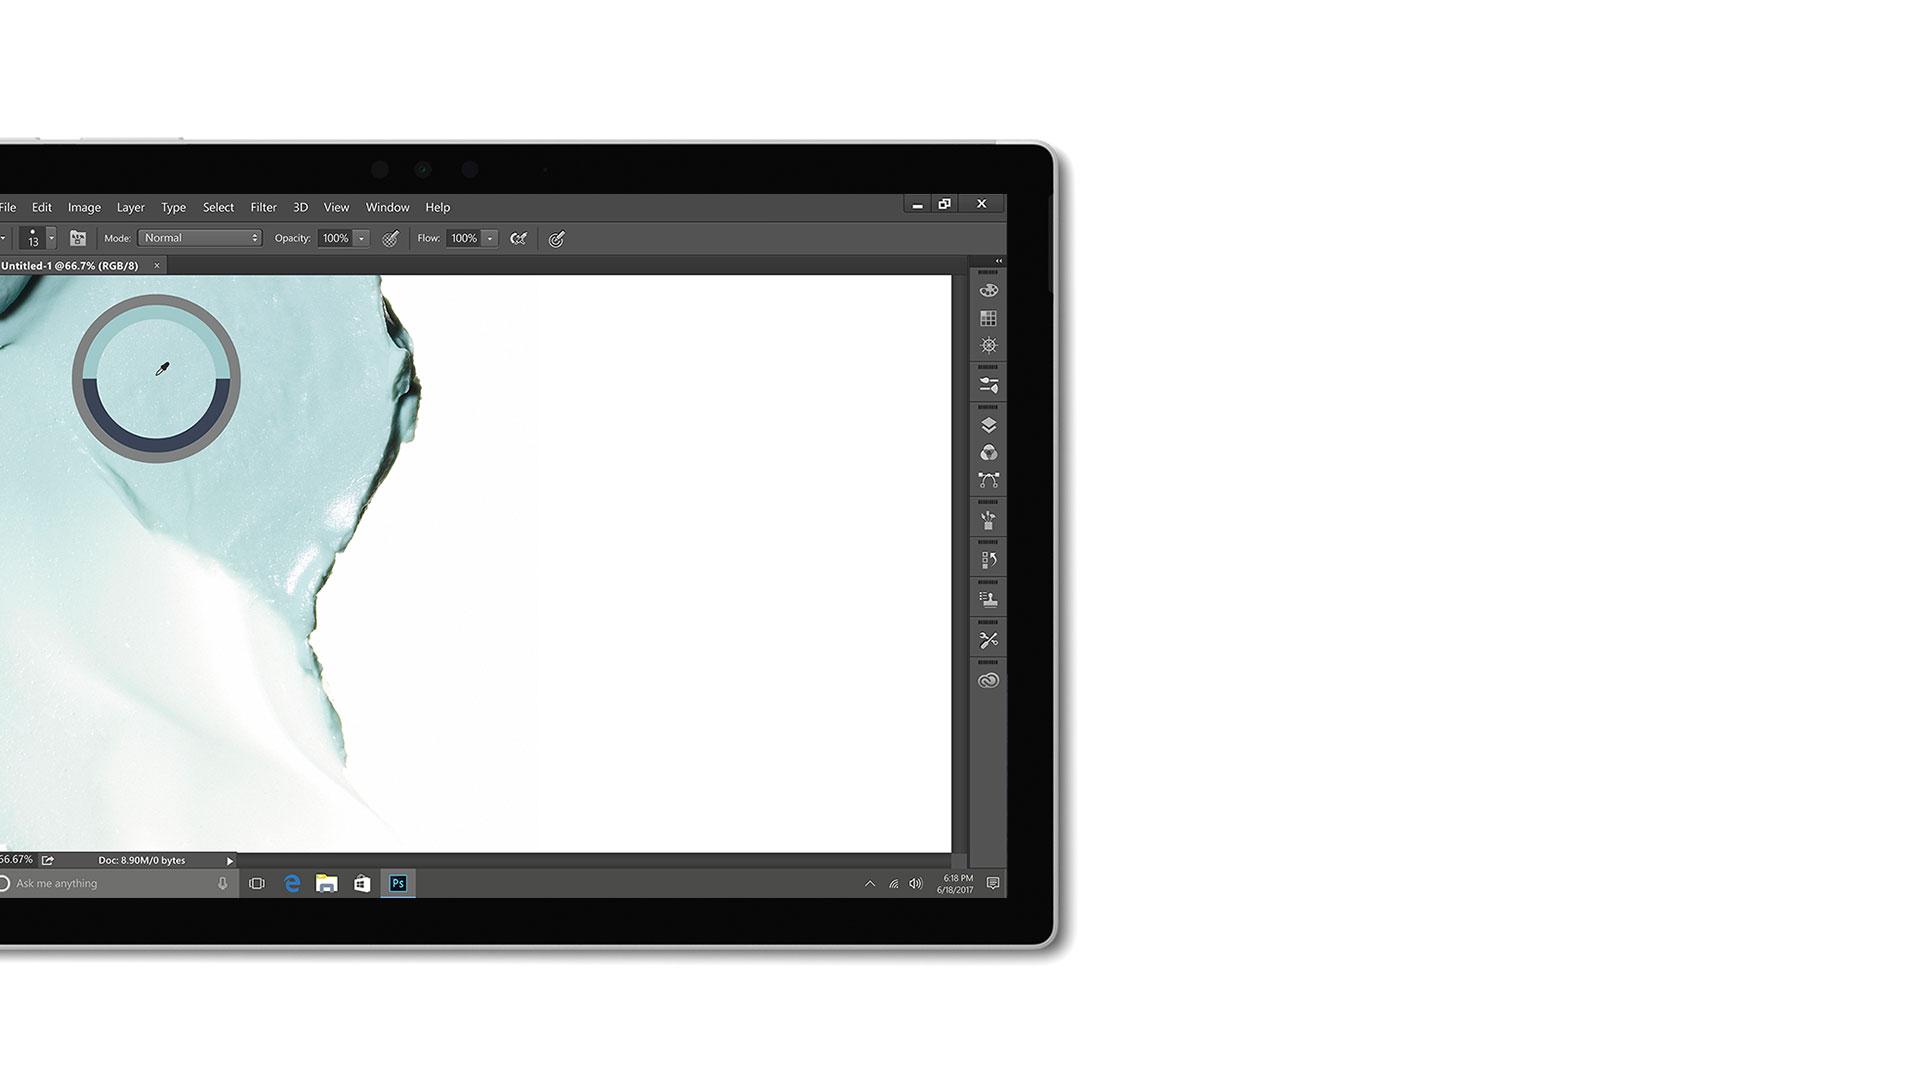 Bild von Benutzeroberfläche der Adobe Creative Cloud